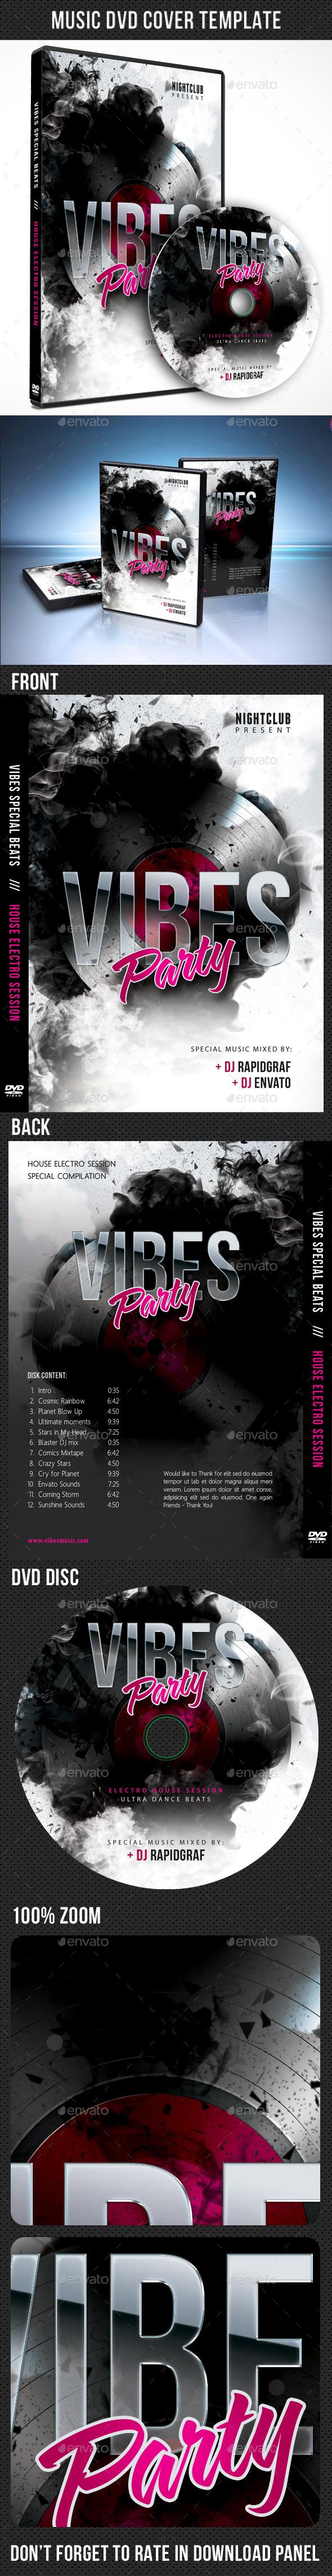 Music DVD Cover Template V12 - CD & DVD Artwork Print Templates